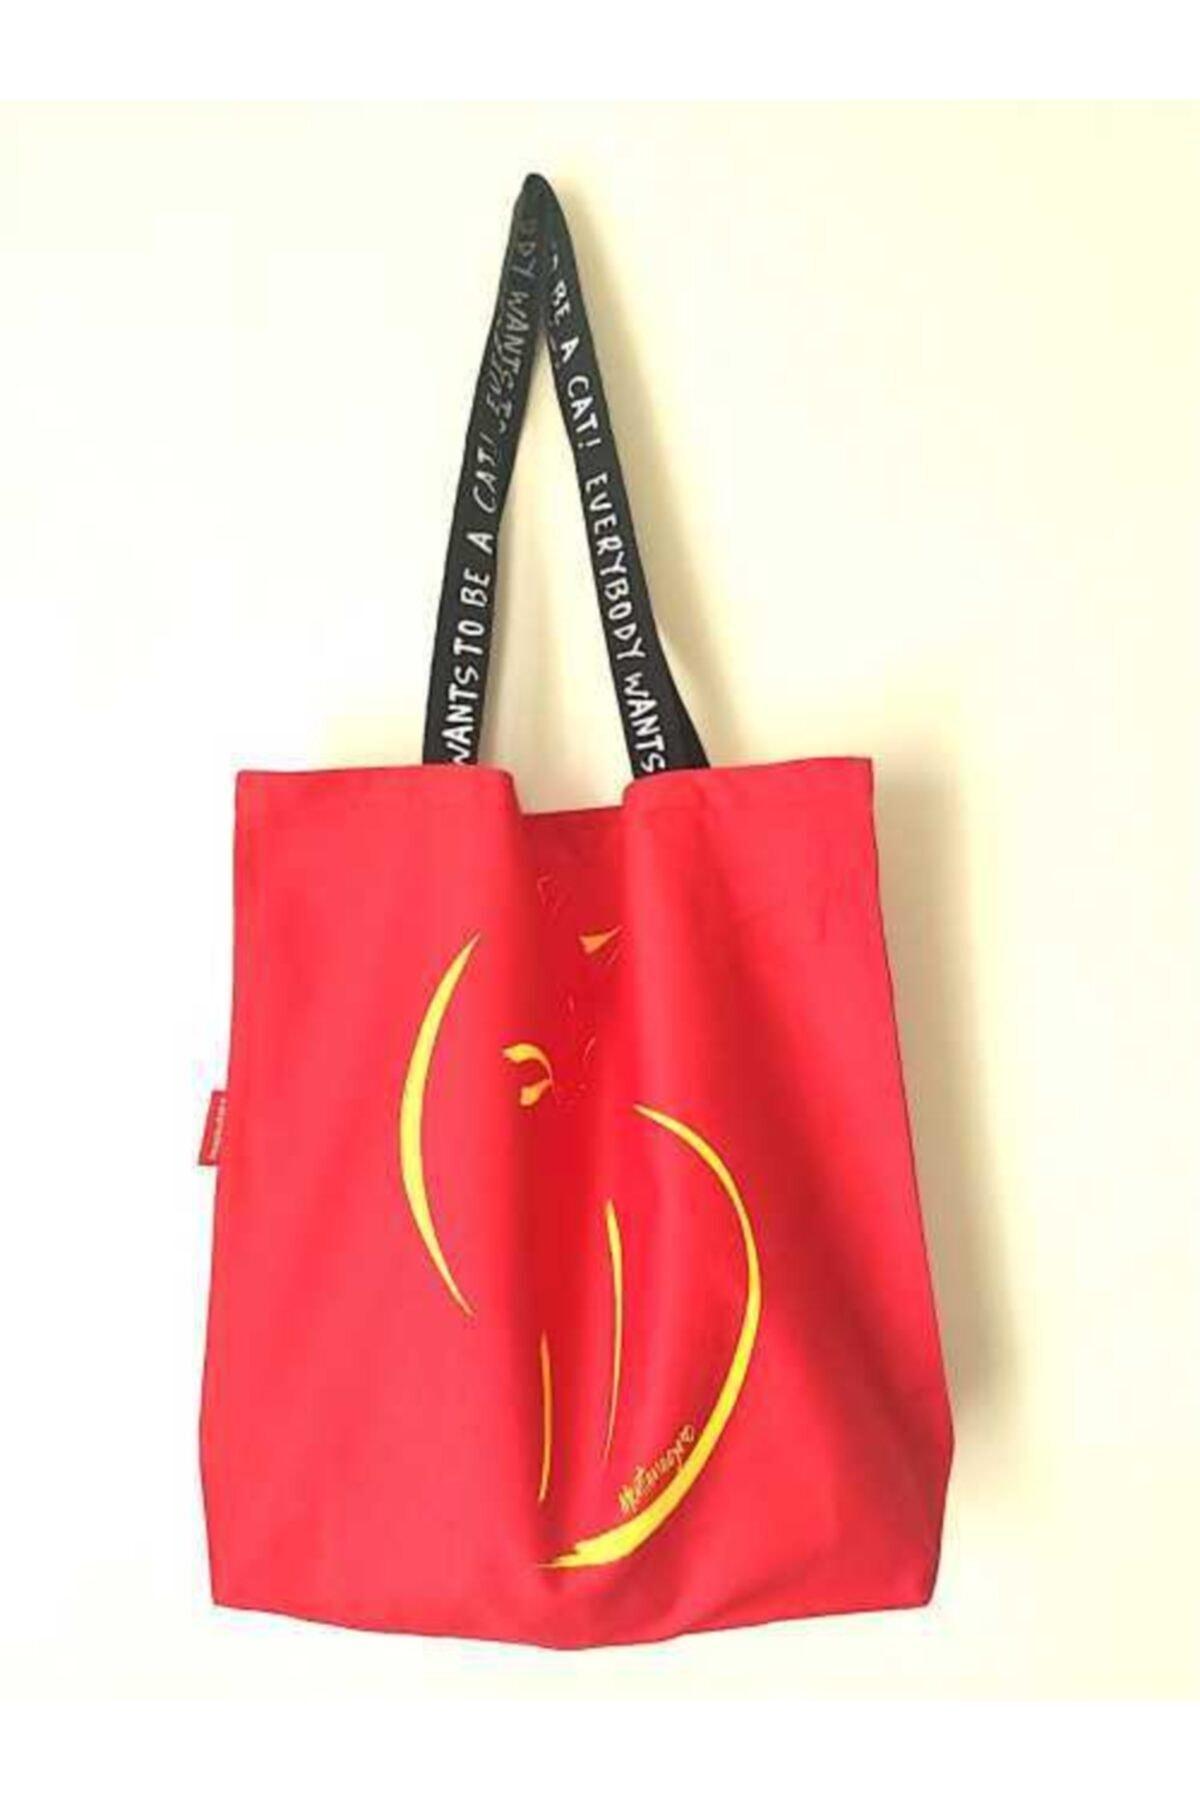 Kırmızı Baskılı Bez Çanta Plaj Ve Alışverişe Uygun Günlük Kullanım İçindir